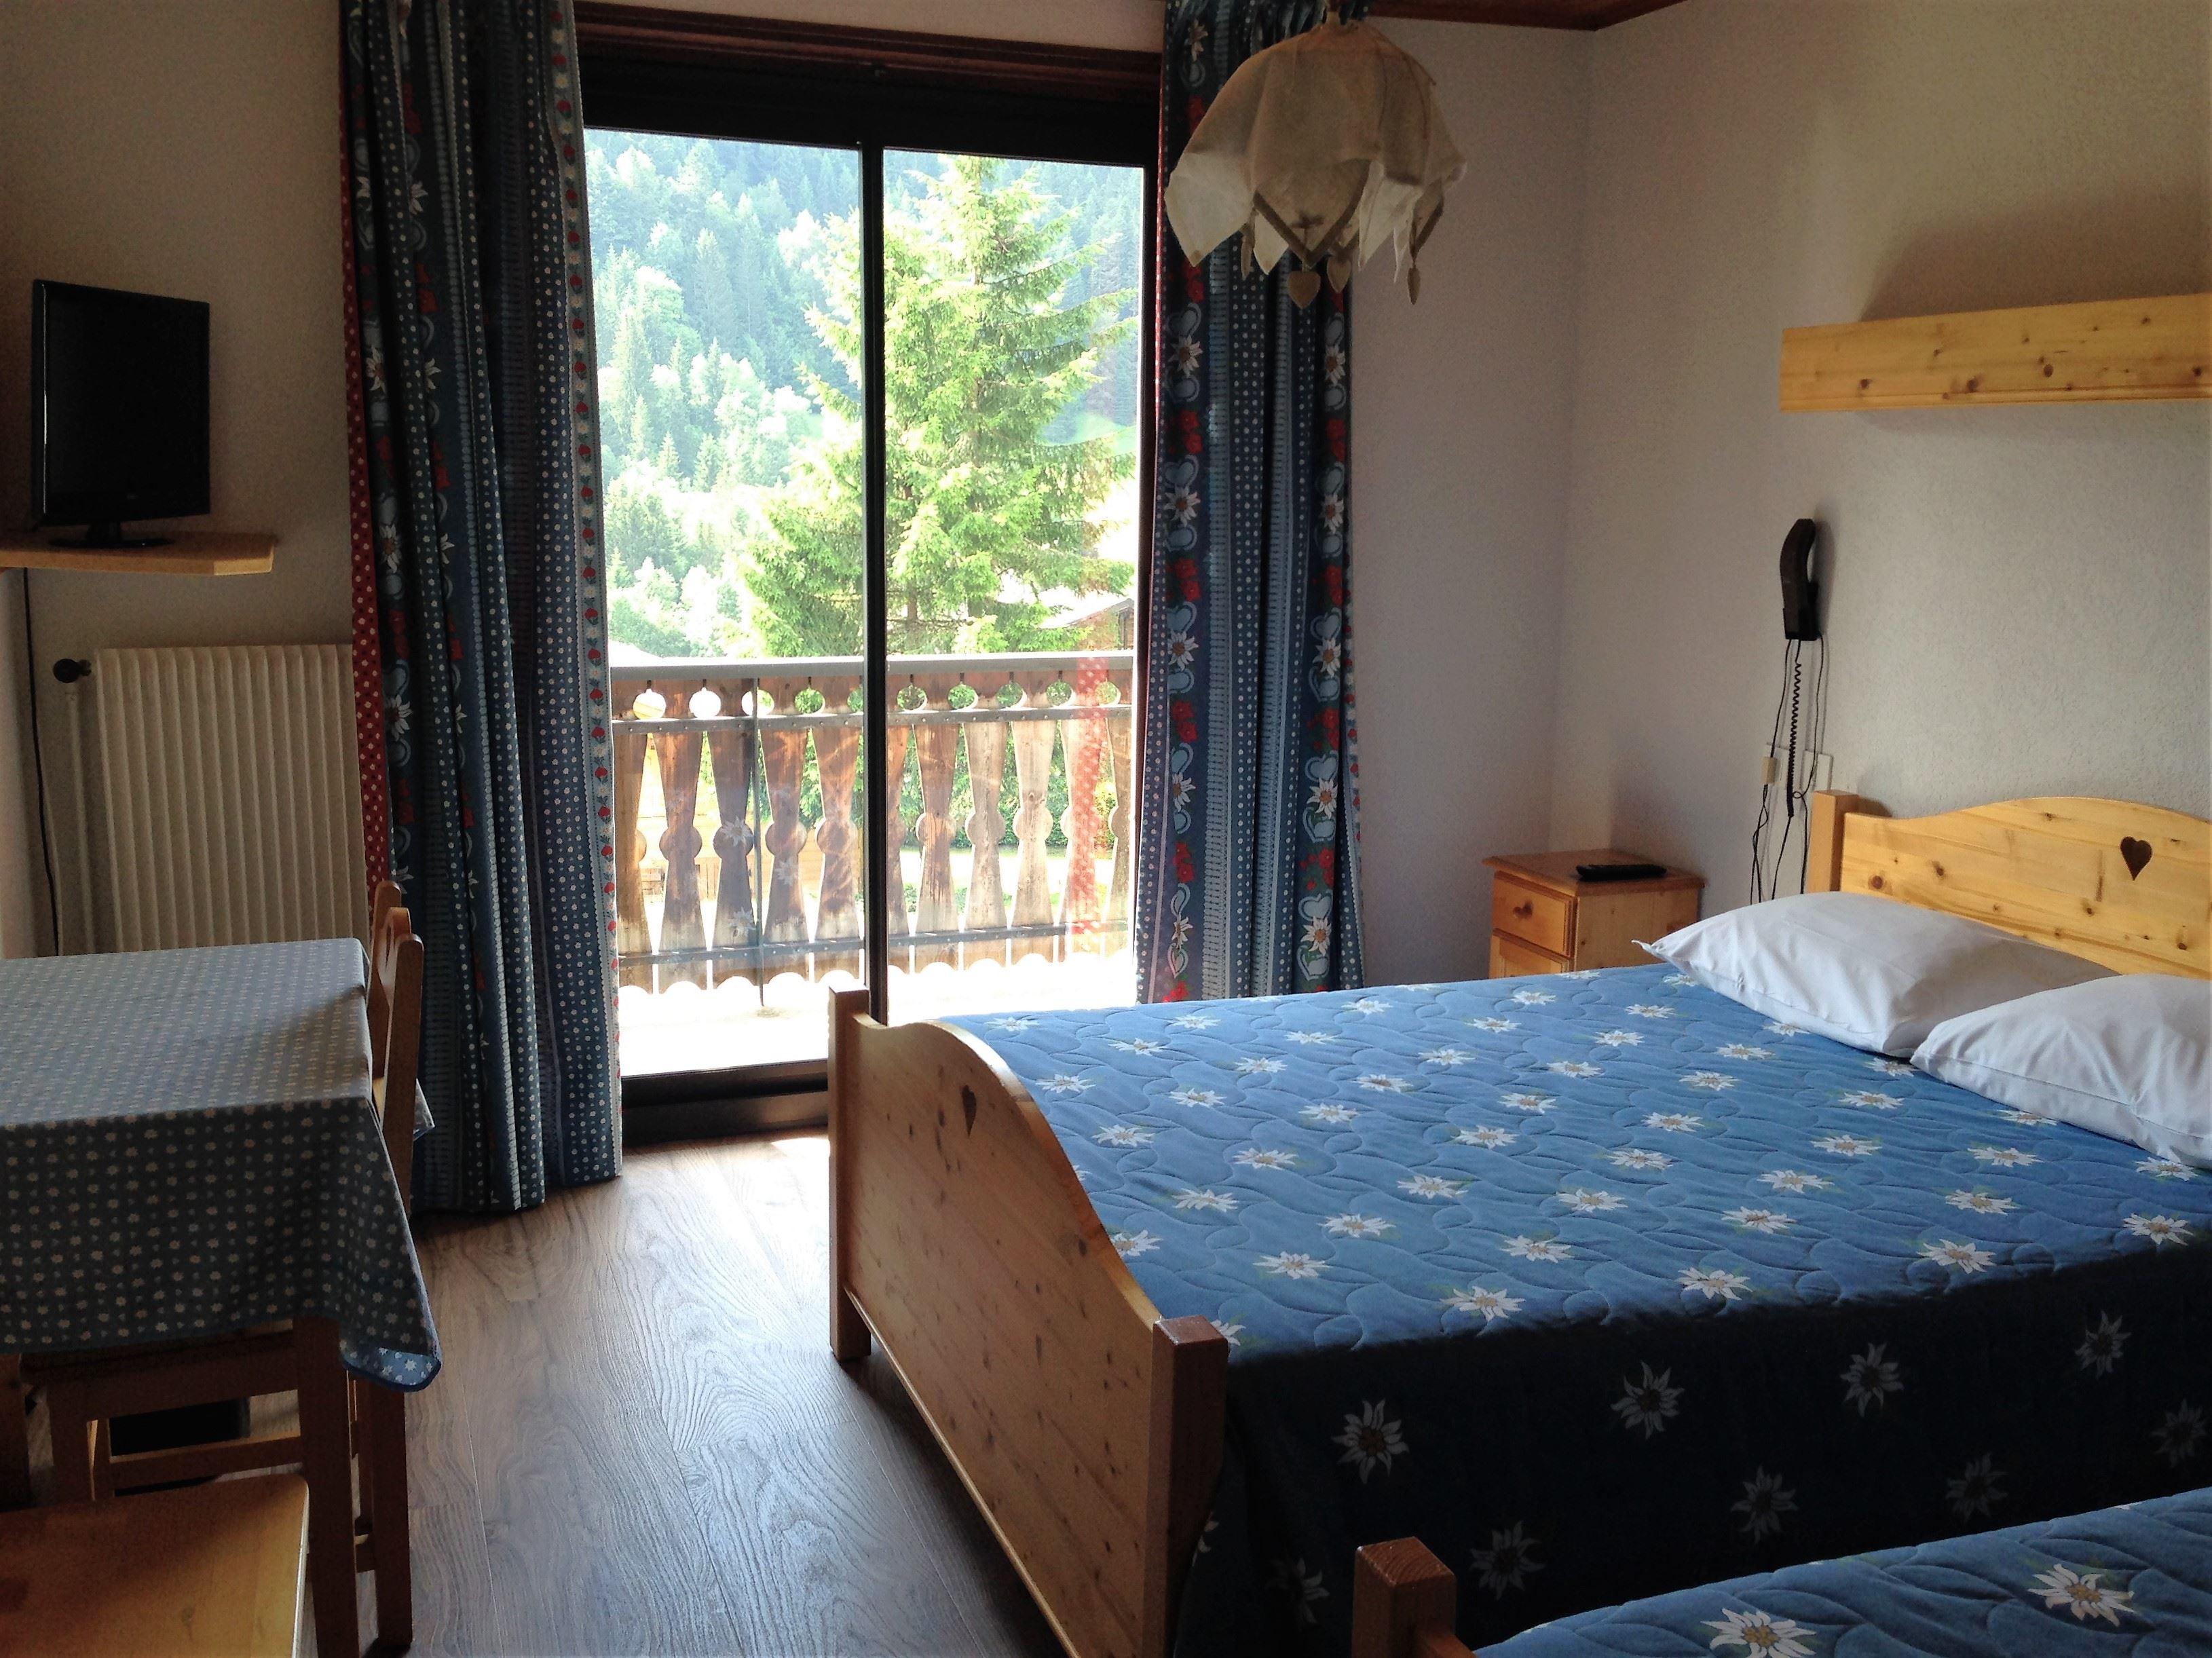 Hotel Bonne Franquette